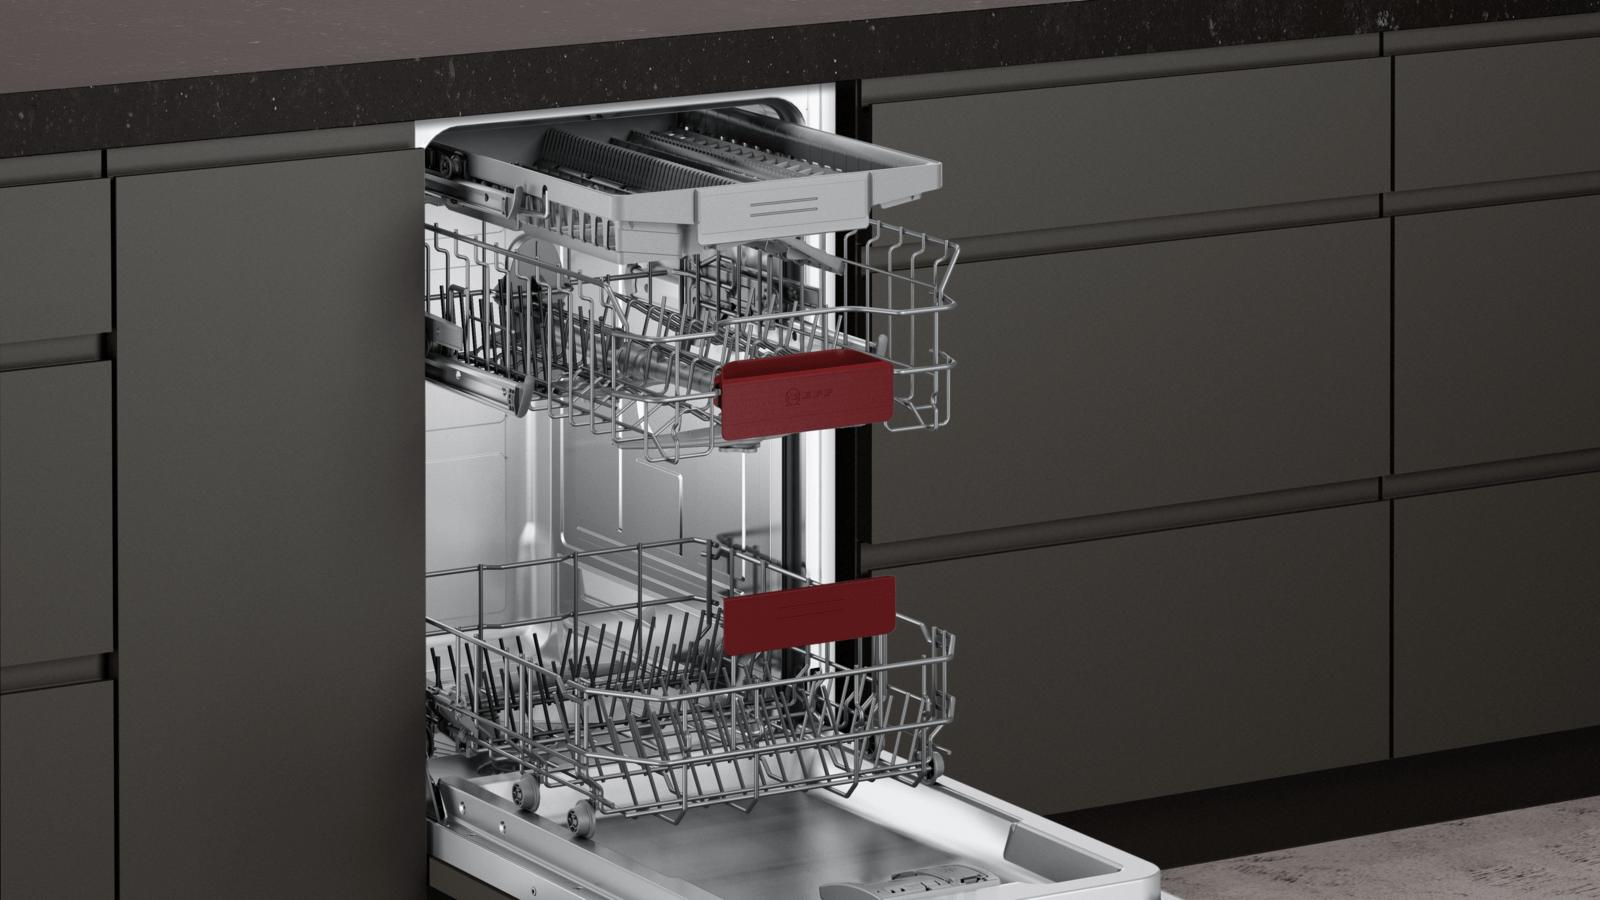 gk4508mn Neff s483m50s0e Le Lave-vaisselle intégrés en acier inoxydable EEK Bon état